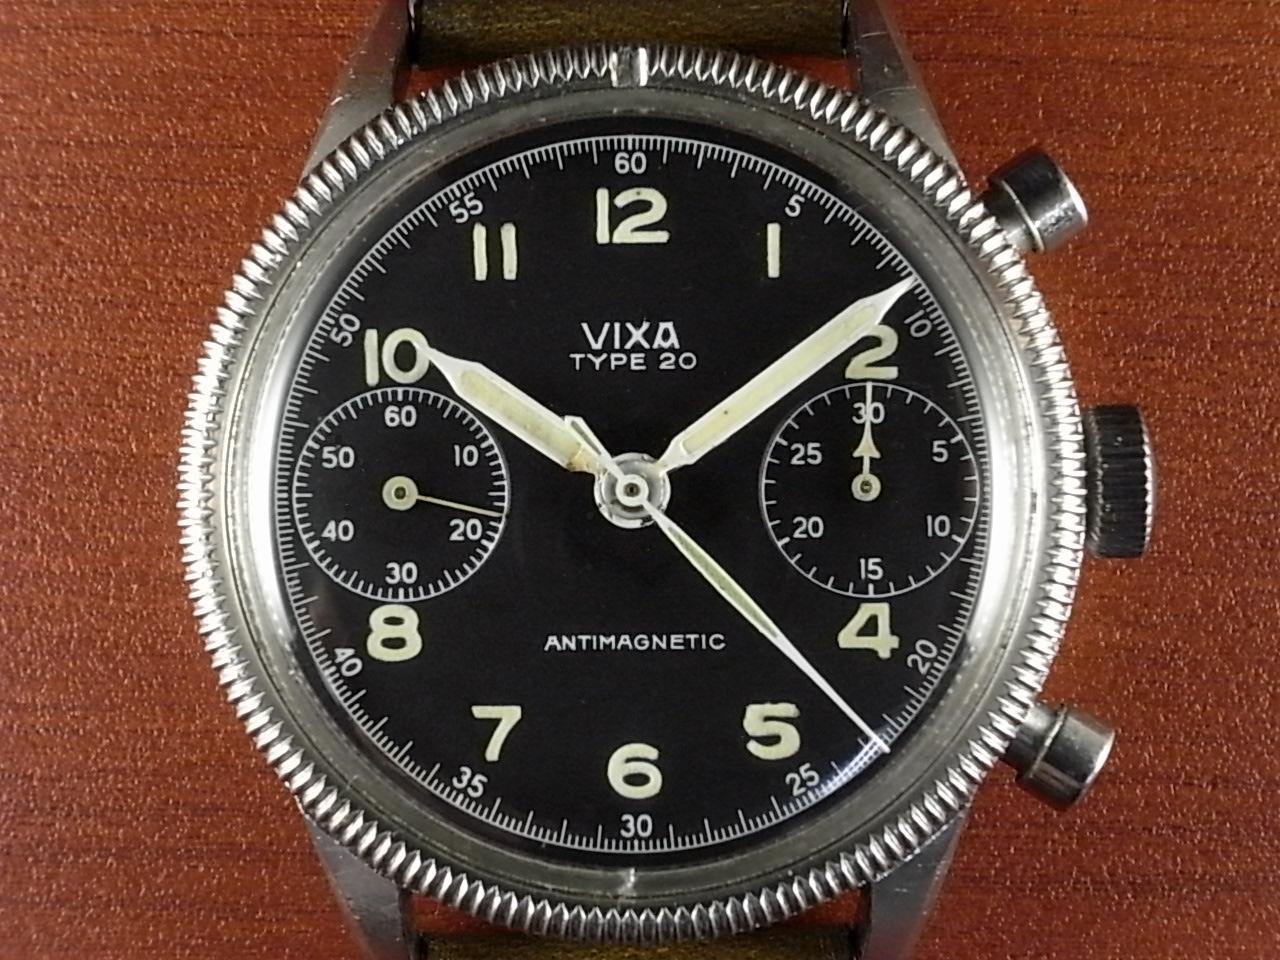 VIXA ヴィクサ タイプ20 フランス空軍 フライバッククロノグラフ 1950年代の写真2枚目